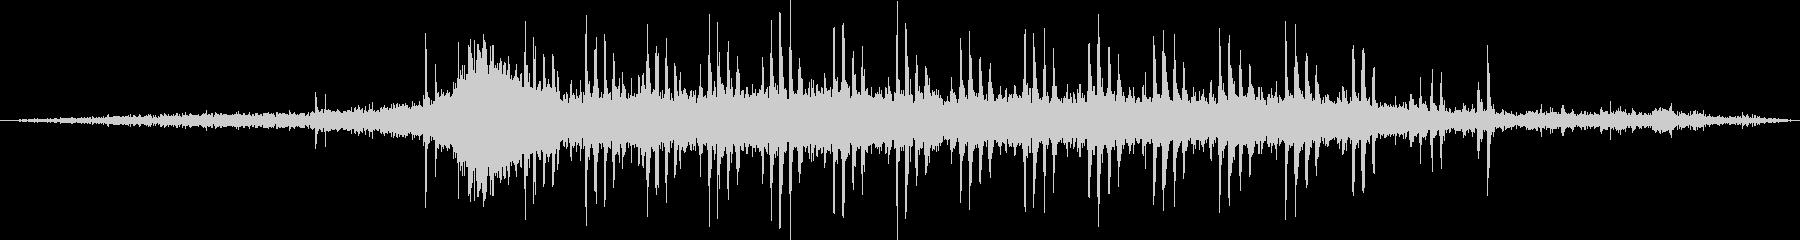 ディーゼル機関車牽引の貨物列車の通過音の未再生の波形